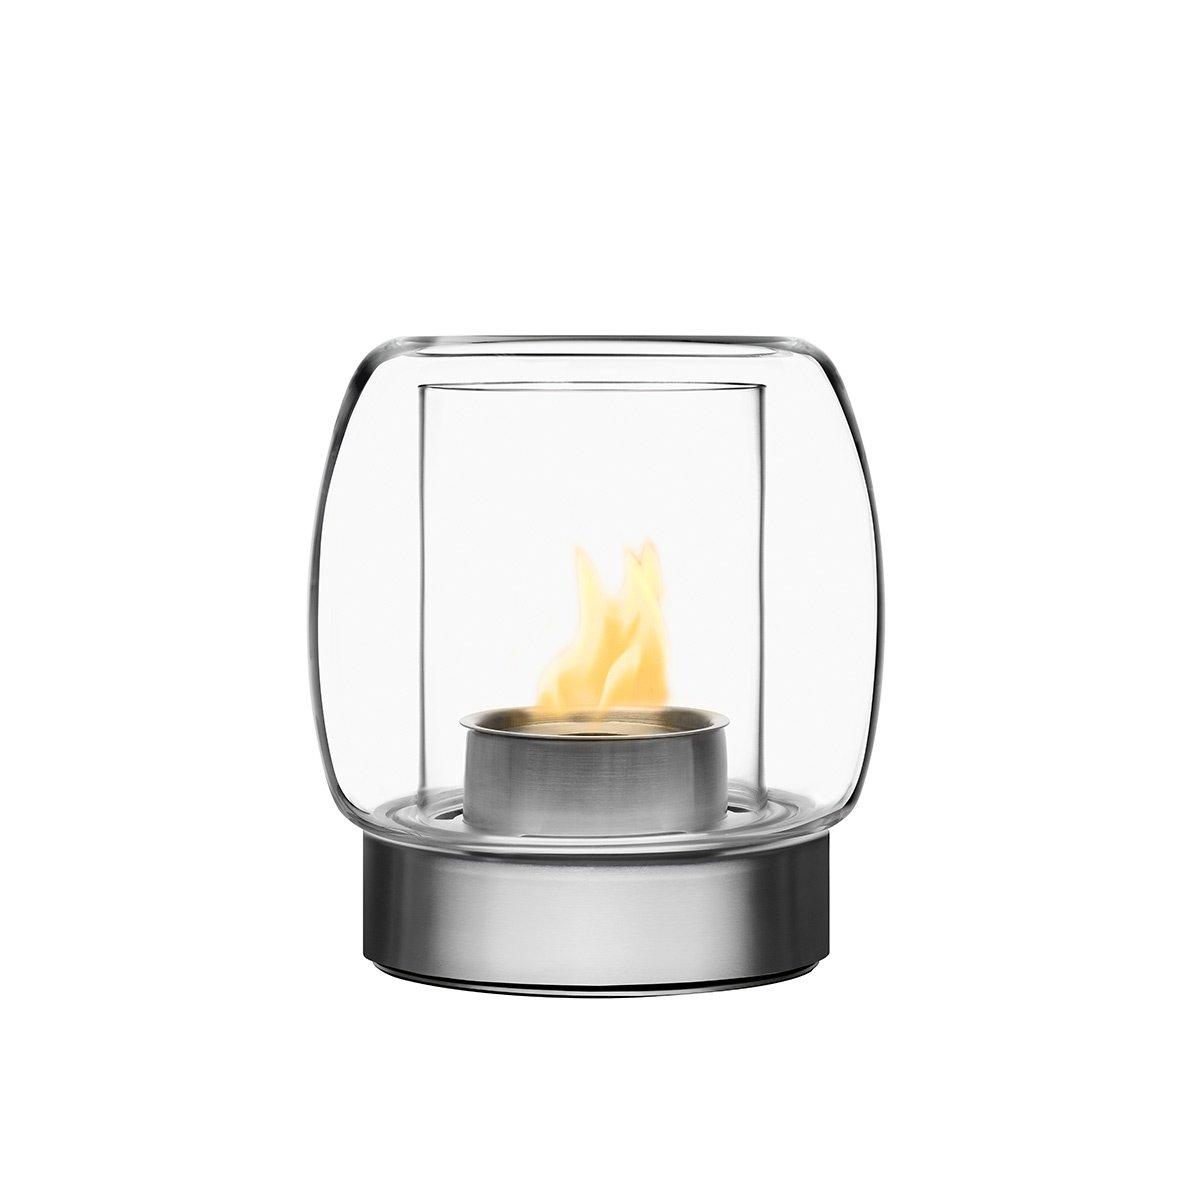 Iittala 112084 Kaasa Feuerstelle, 255 mm, klar  Kundenbewertung und Beschreibung